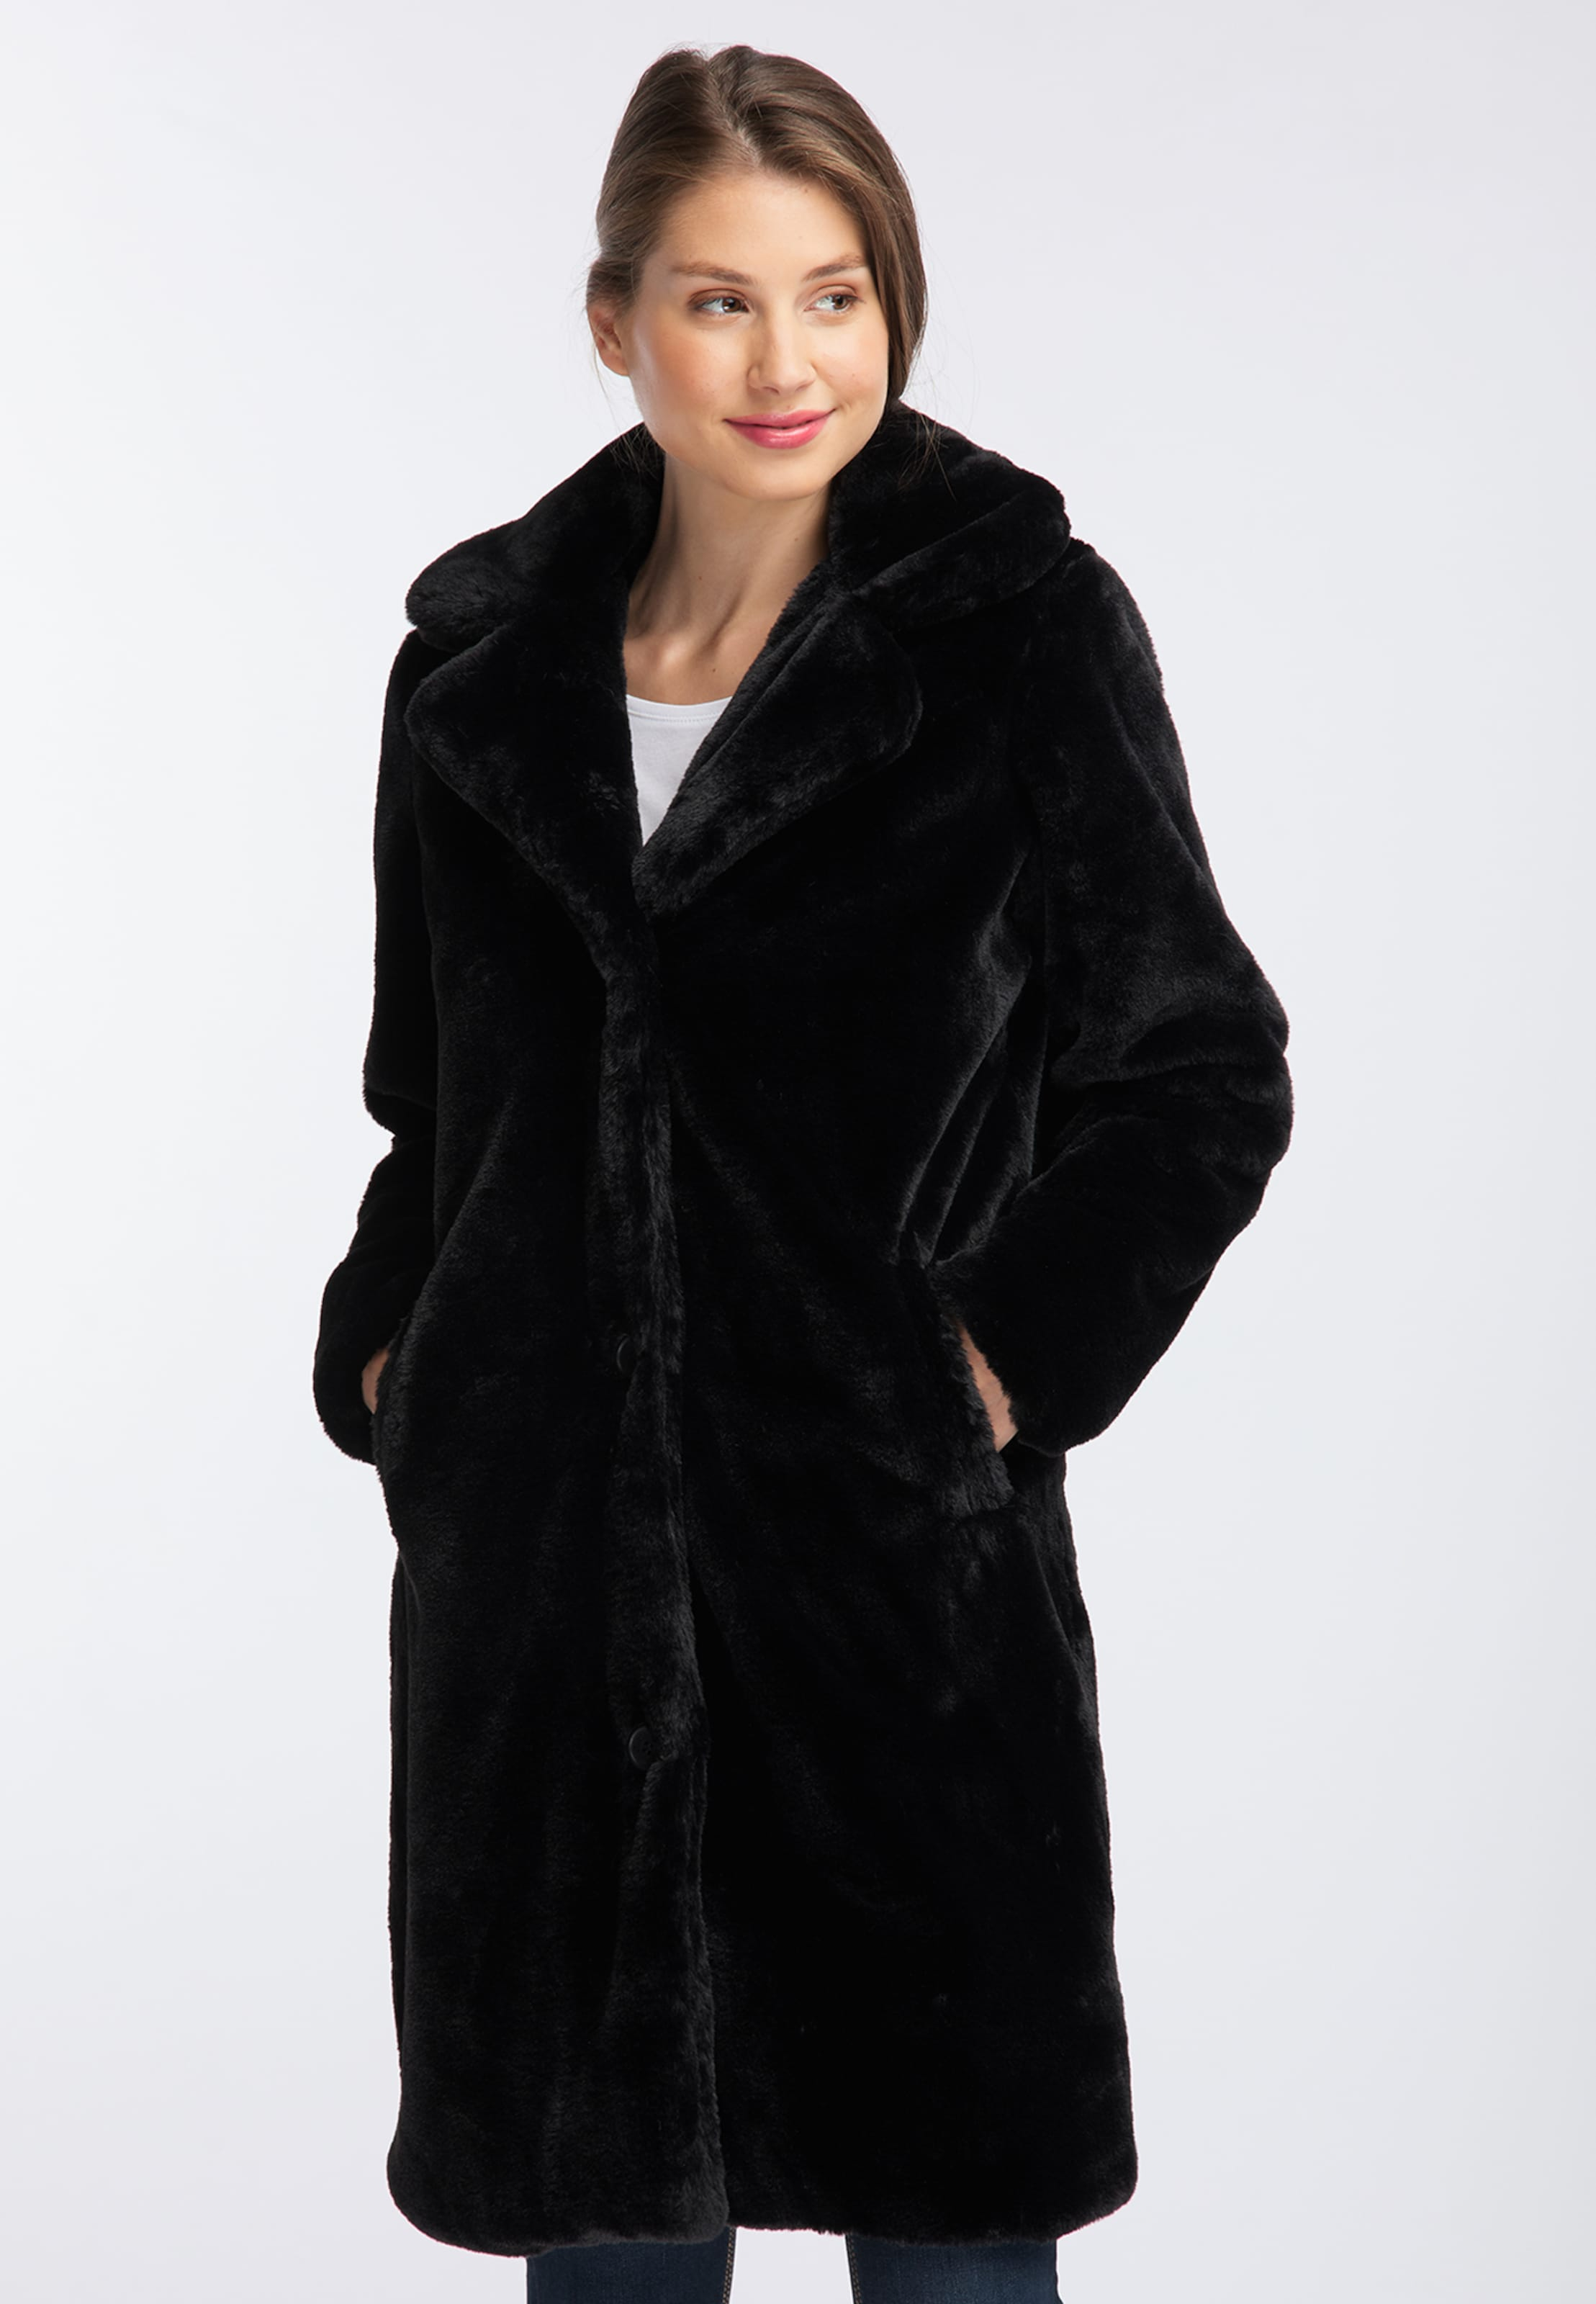 Noir Manteau D'hiver Manteau Manteau Taddy D'hiver En D'hiver Noir Taddy En Taddy hQdBsrotCx